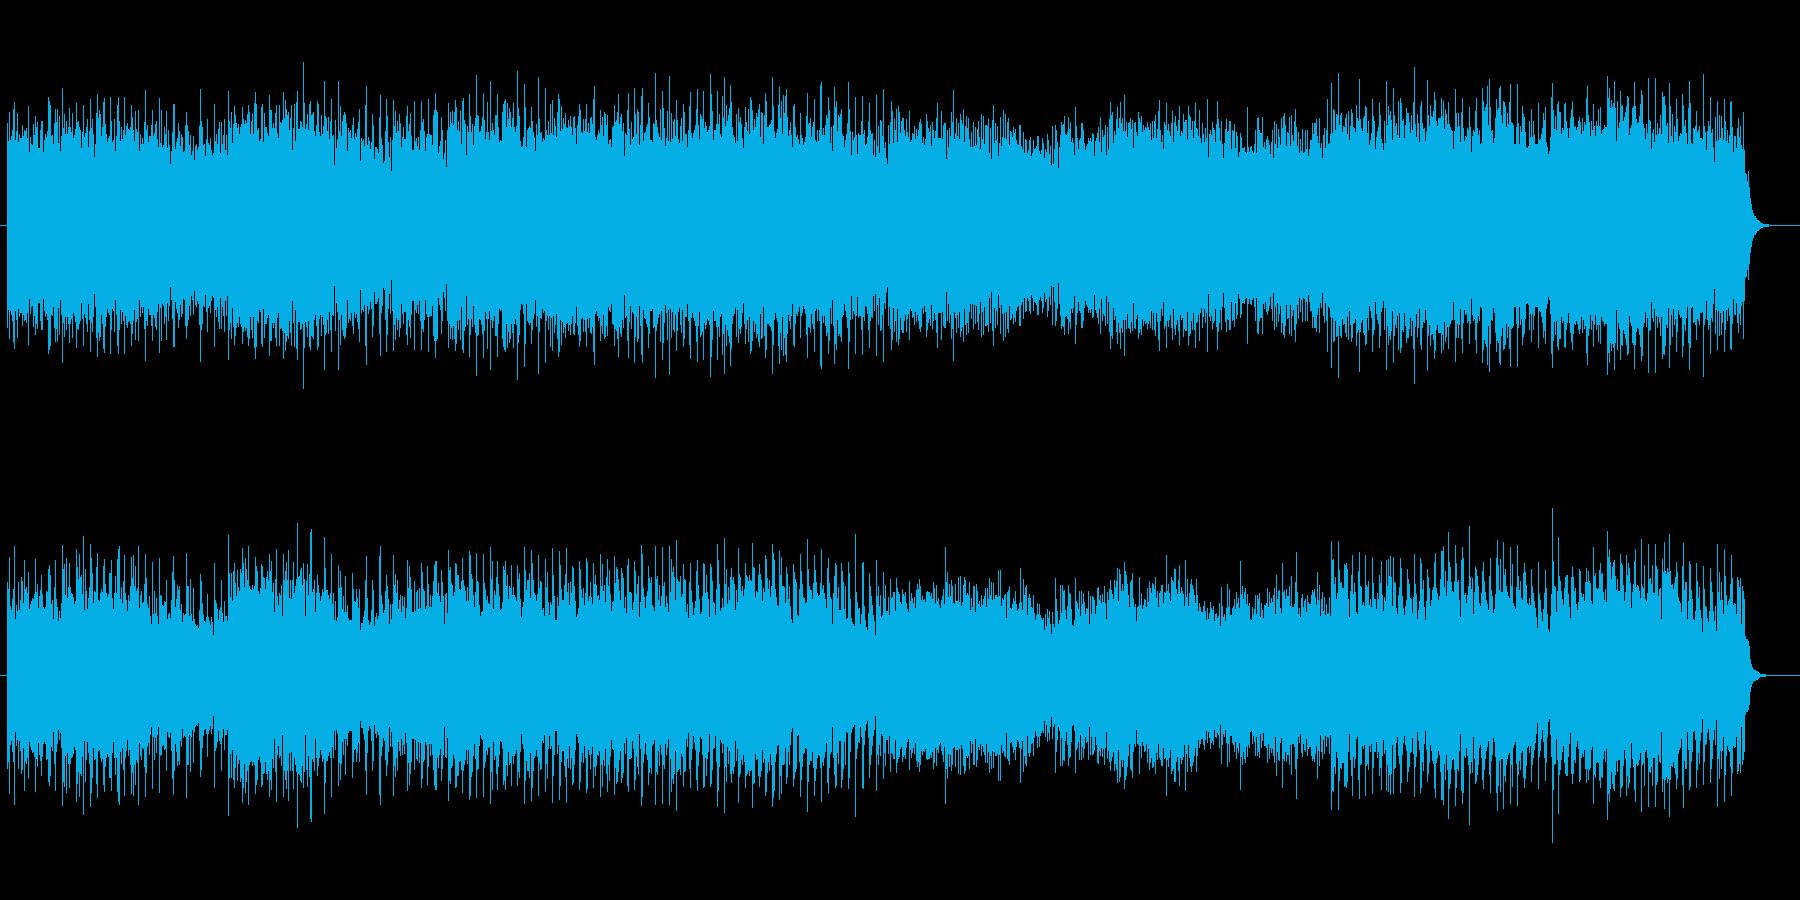 ピコピコしたシンセサイザーミュージックの再生済みの波形